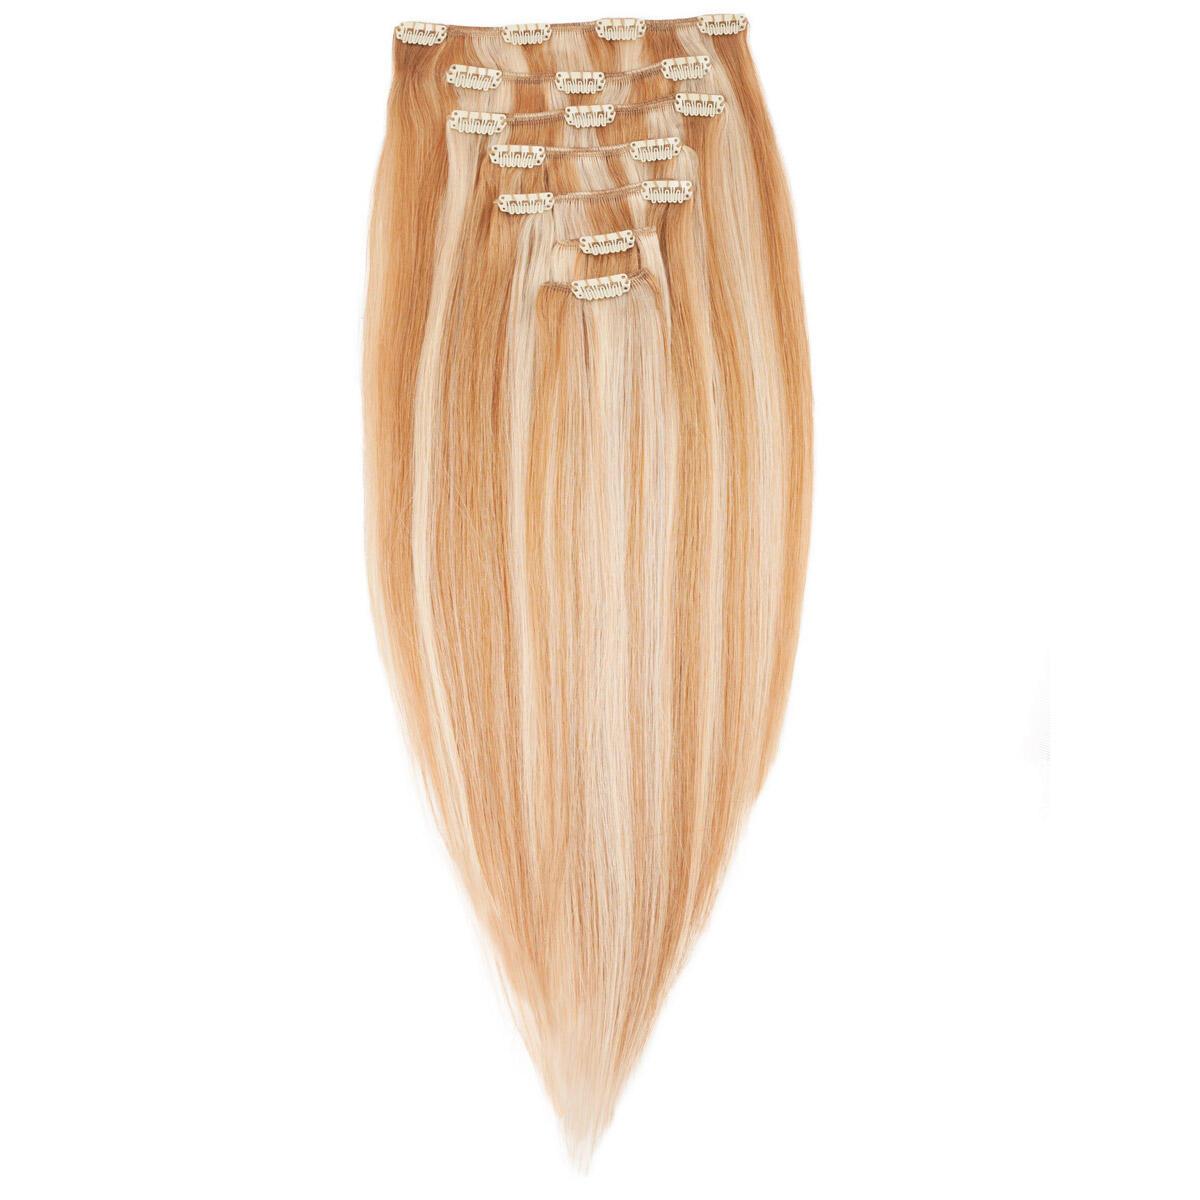 Clip-on Set Premium 7 pieces M7.4/8.0 Summer Blonde 50 cm